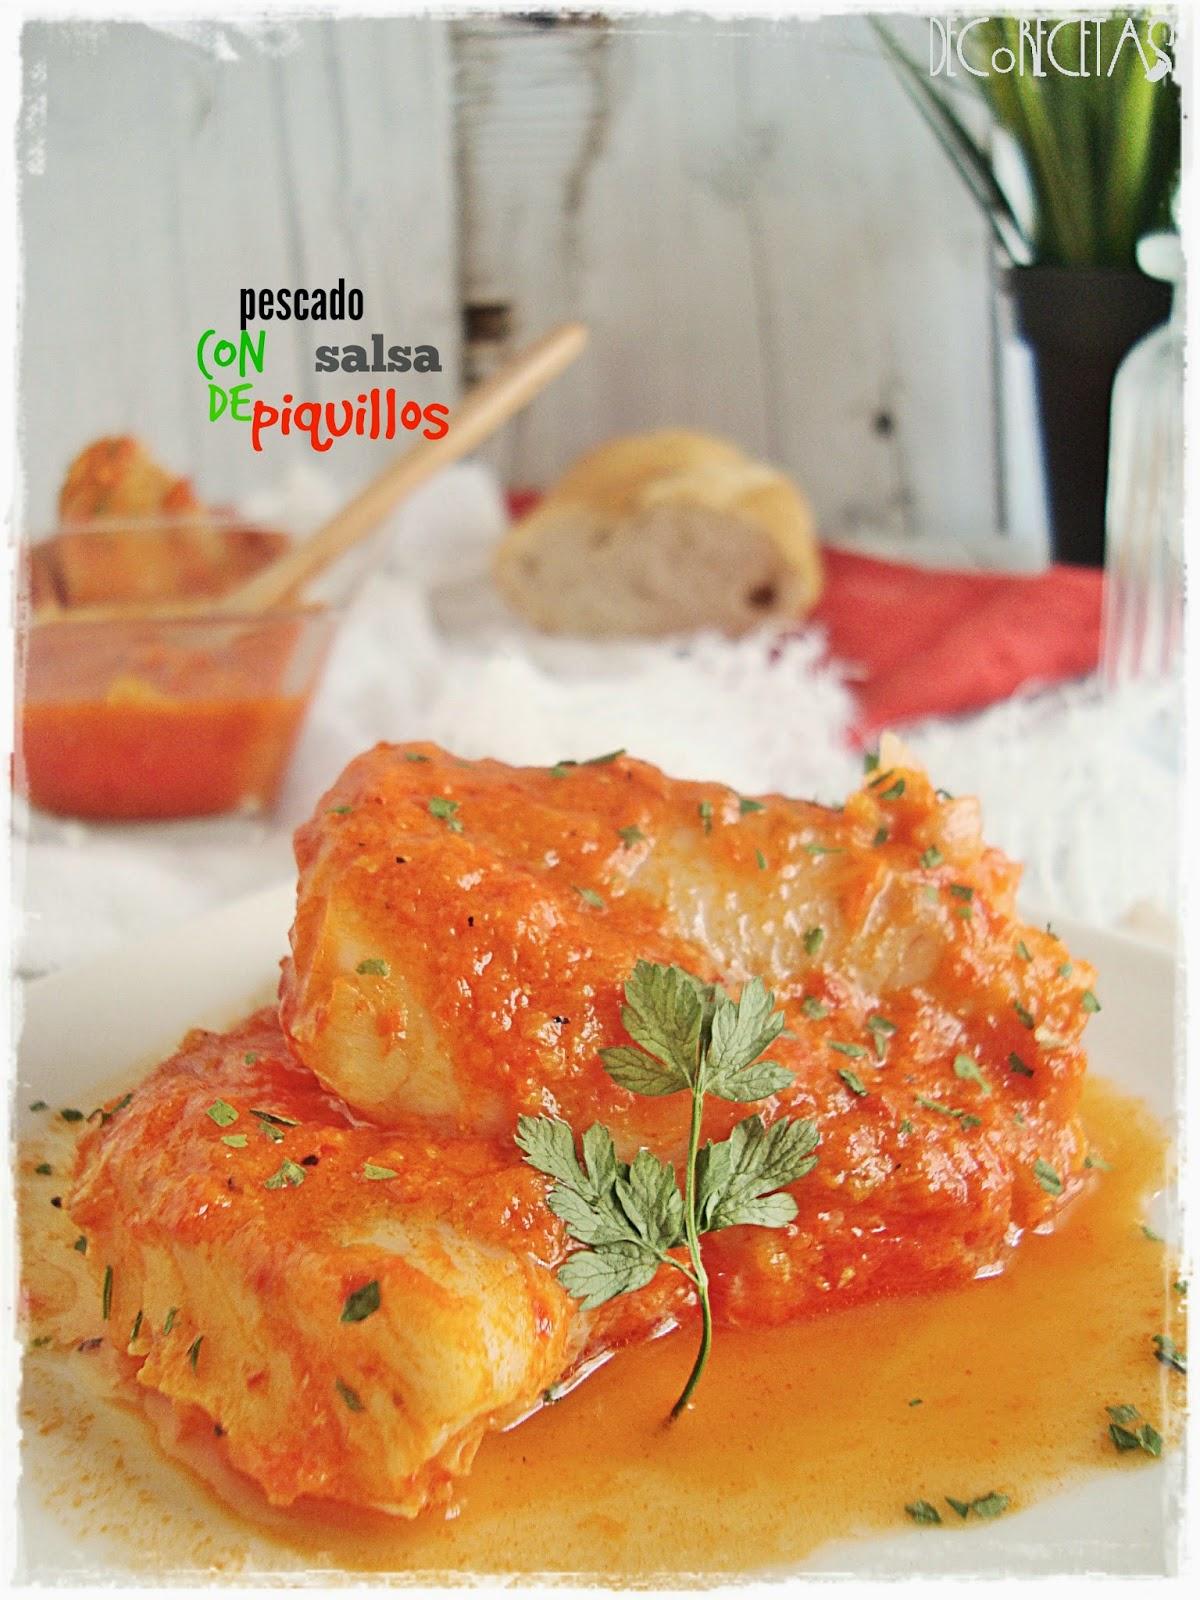 pescado con salsa de piquillos